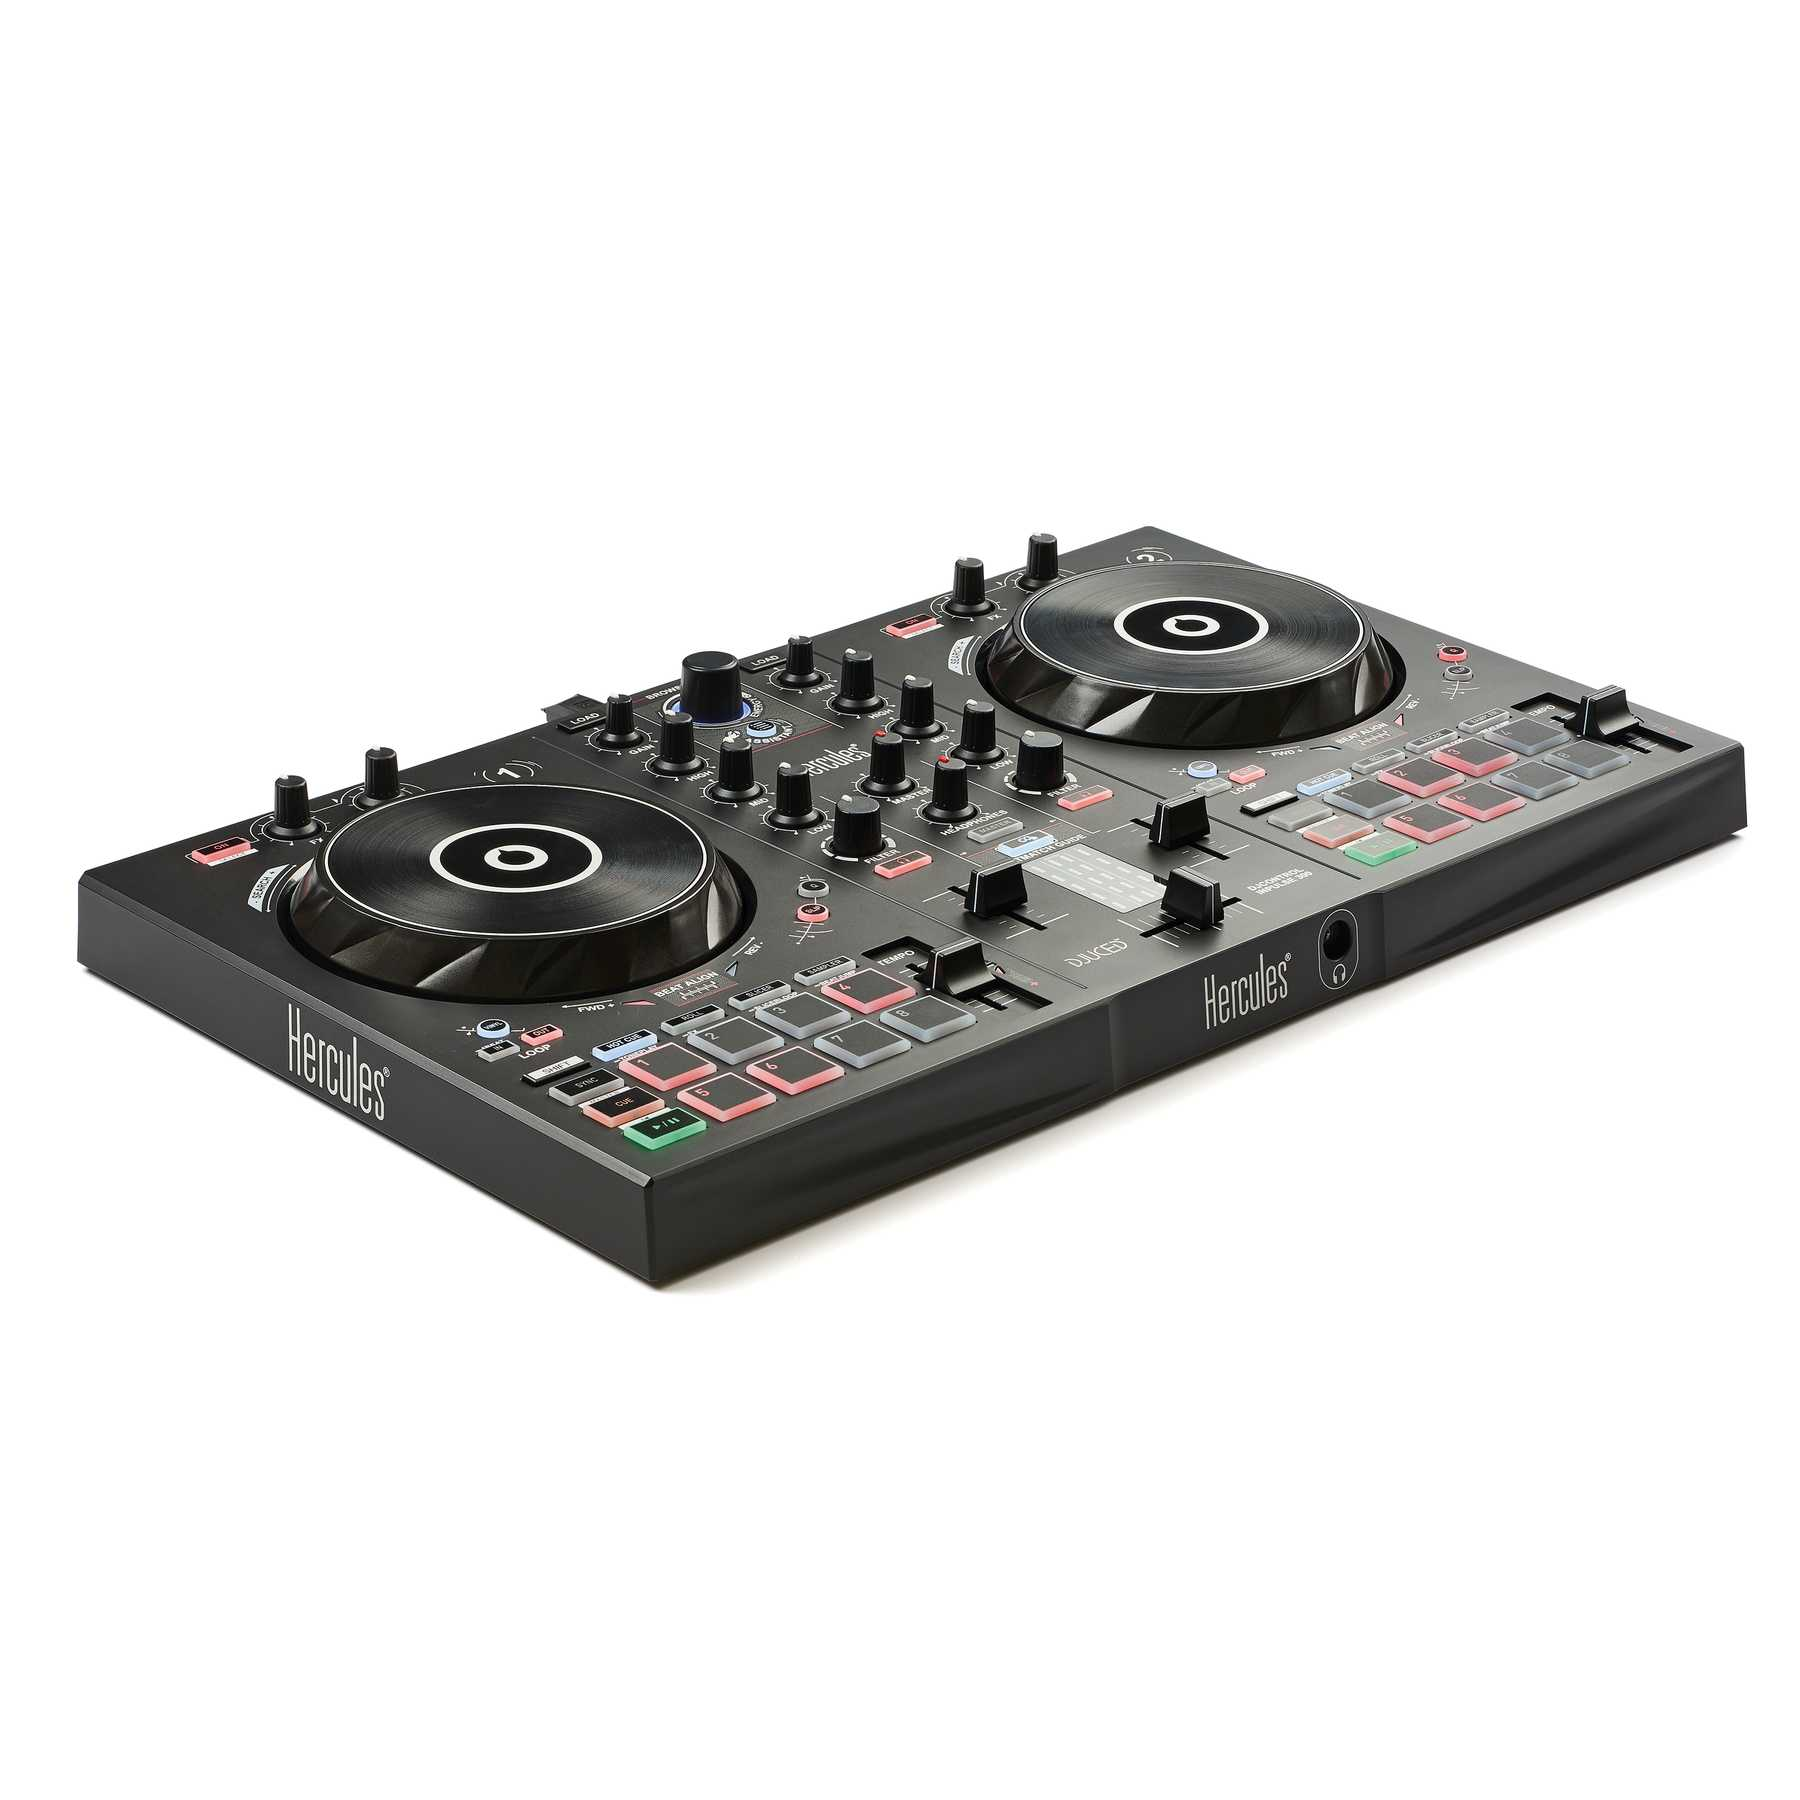 Hercules DJ Control Inpulse 300 241877